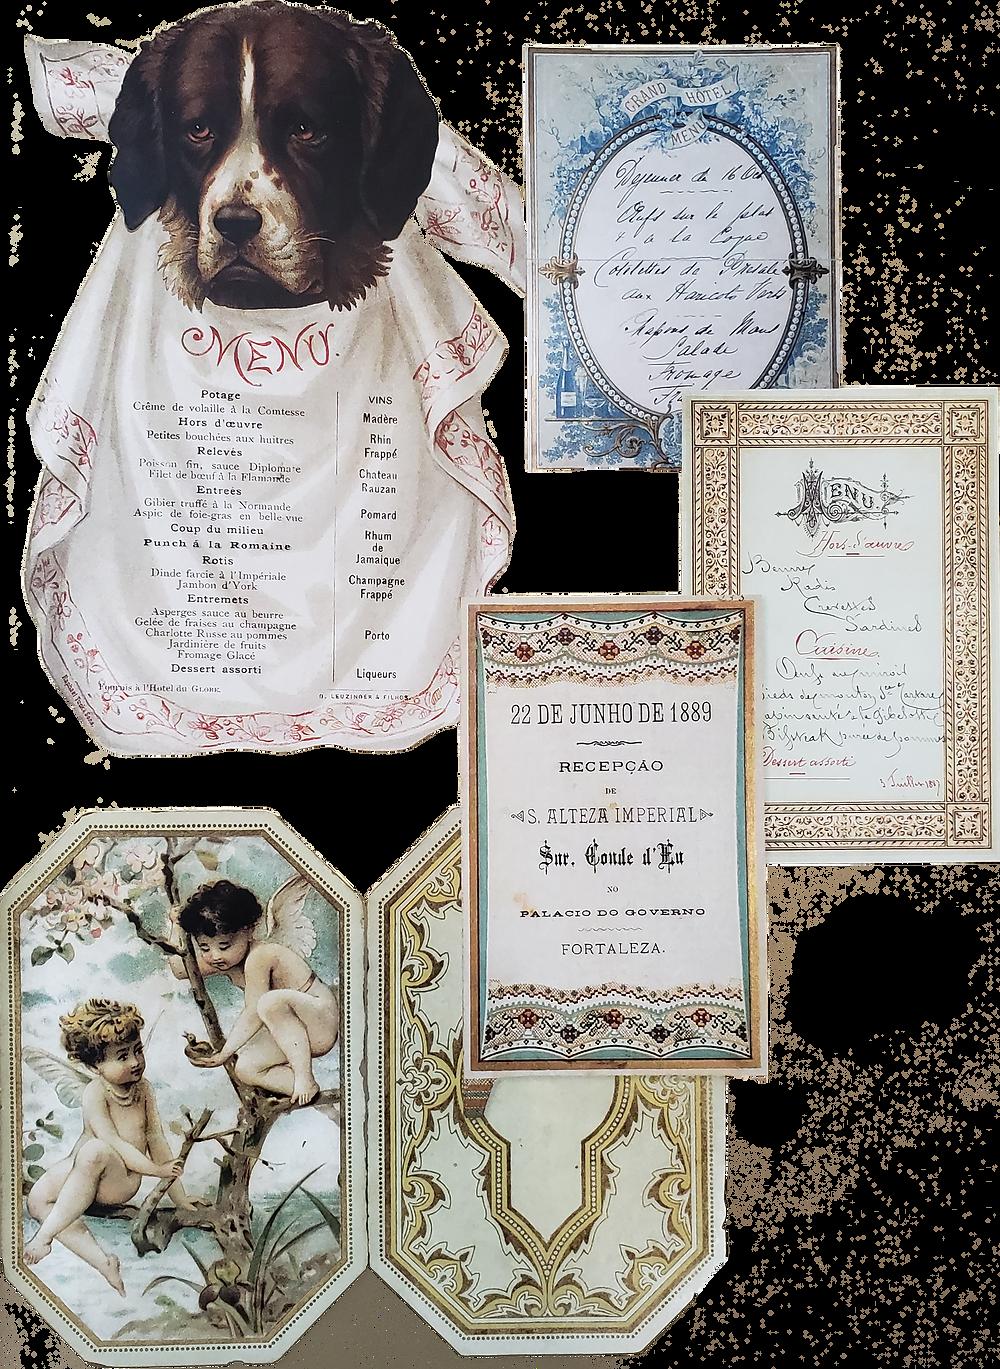 """Alguns dos cardápios colecionados por Pedro II, apresentados no livro """"Os Banquetes do Imperador"""""""